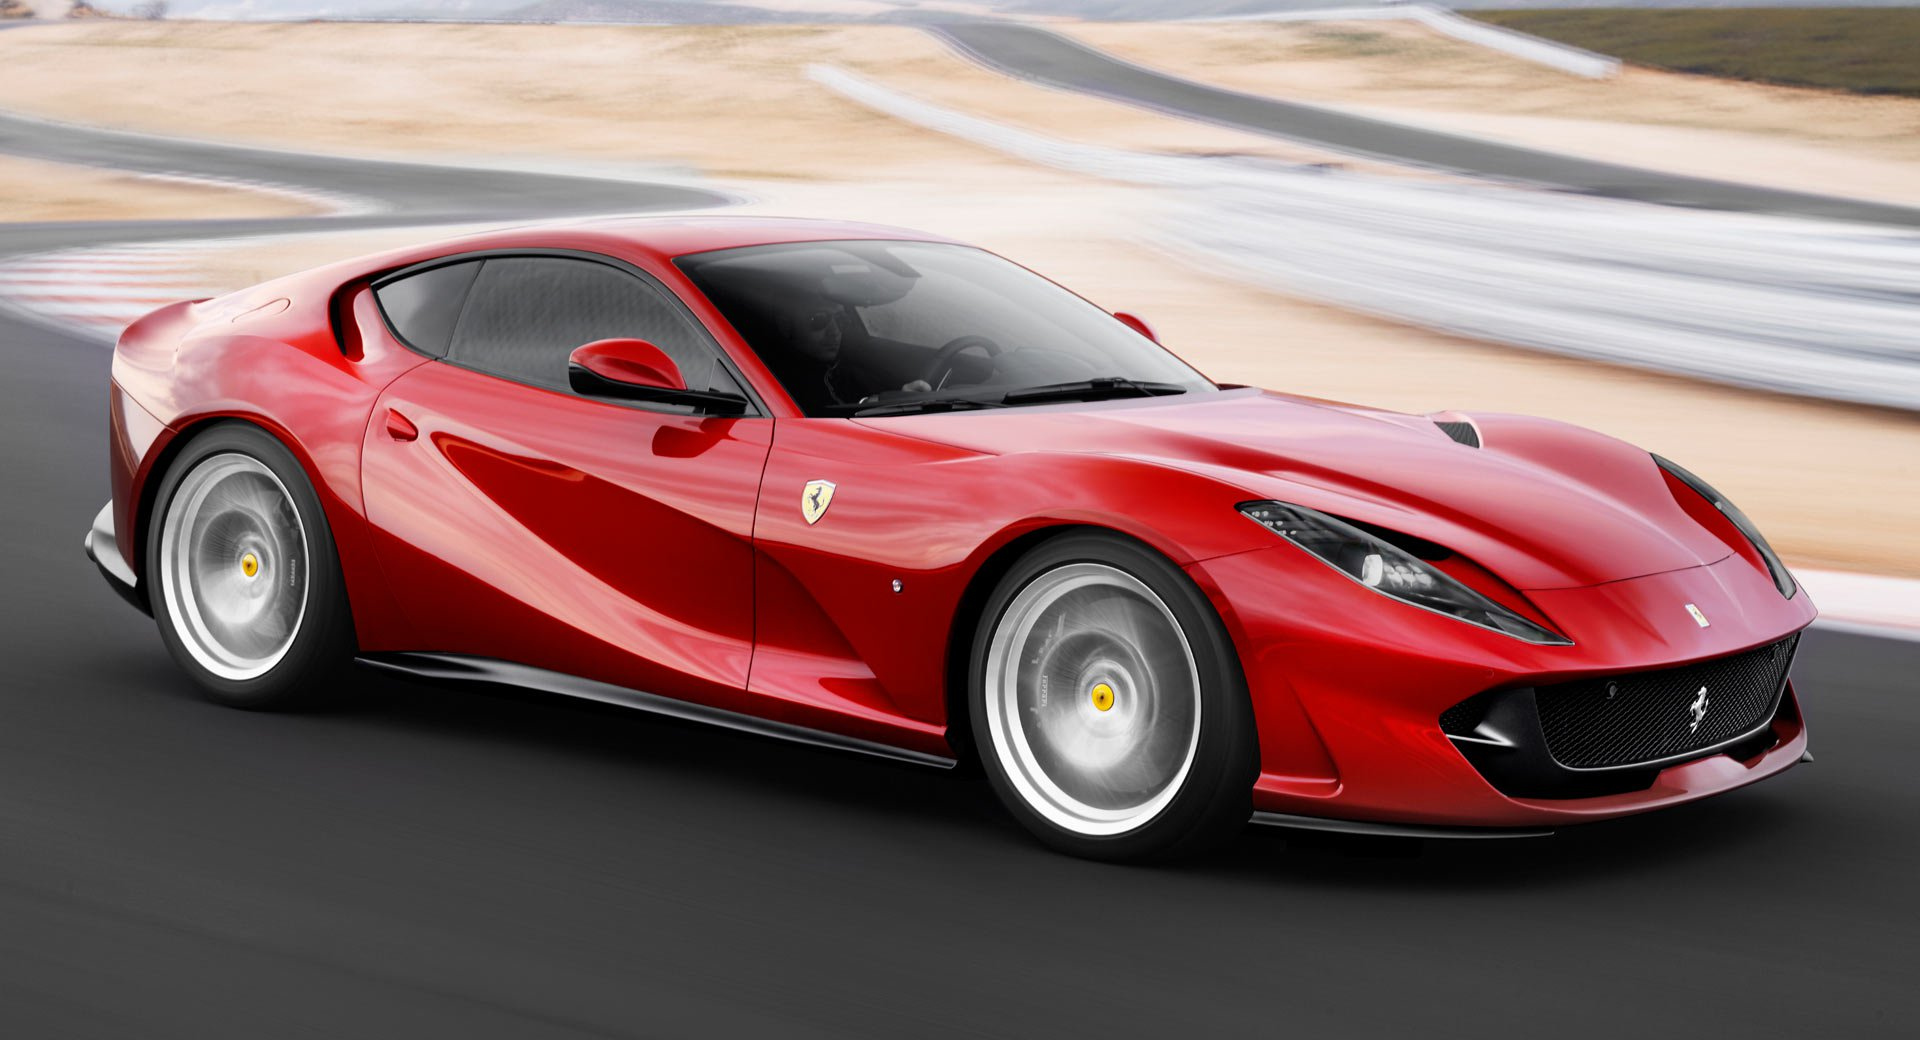 Siêu xe Ferrari 812 Superfast Spider sẽ ra mắt trong tháng 9?